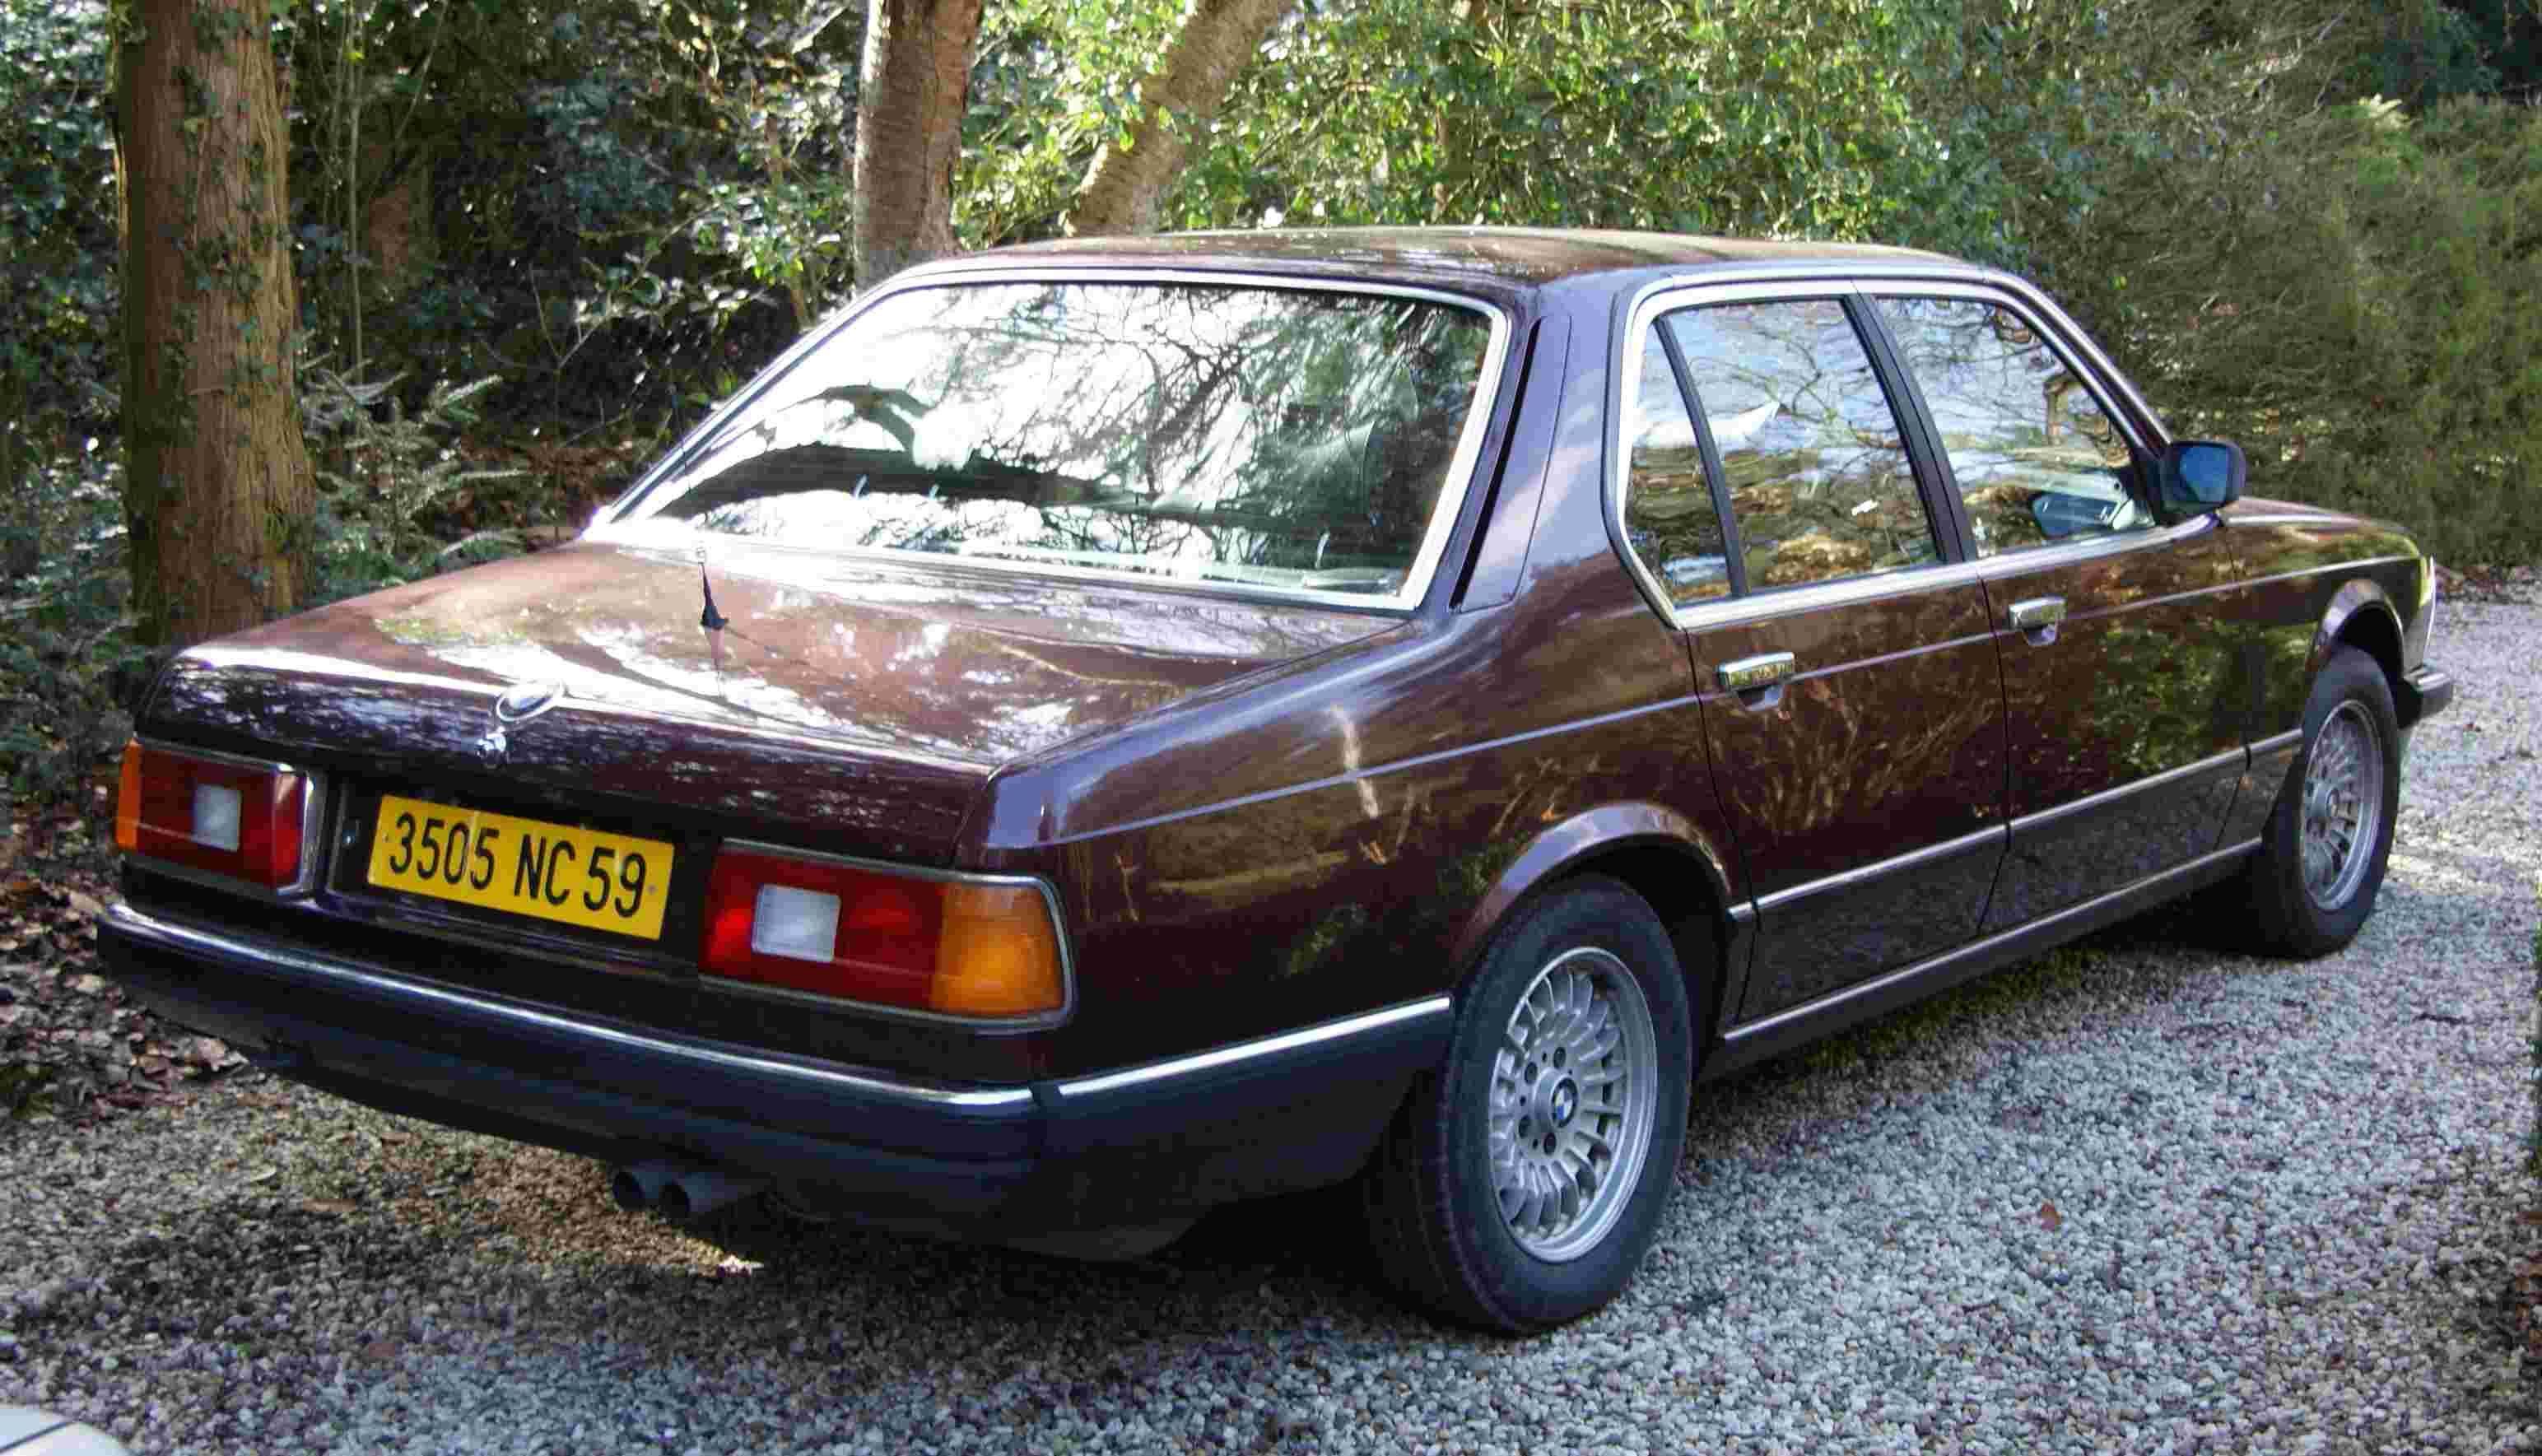 E23 BMW 745i in Burgundy Red II Burgundrot II and TRX Type I